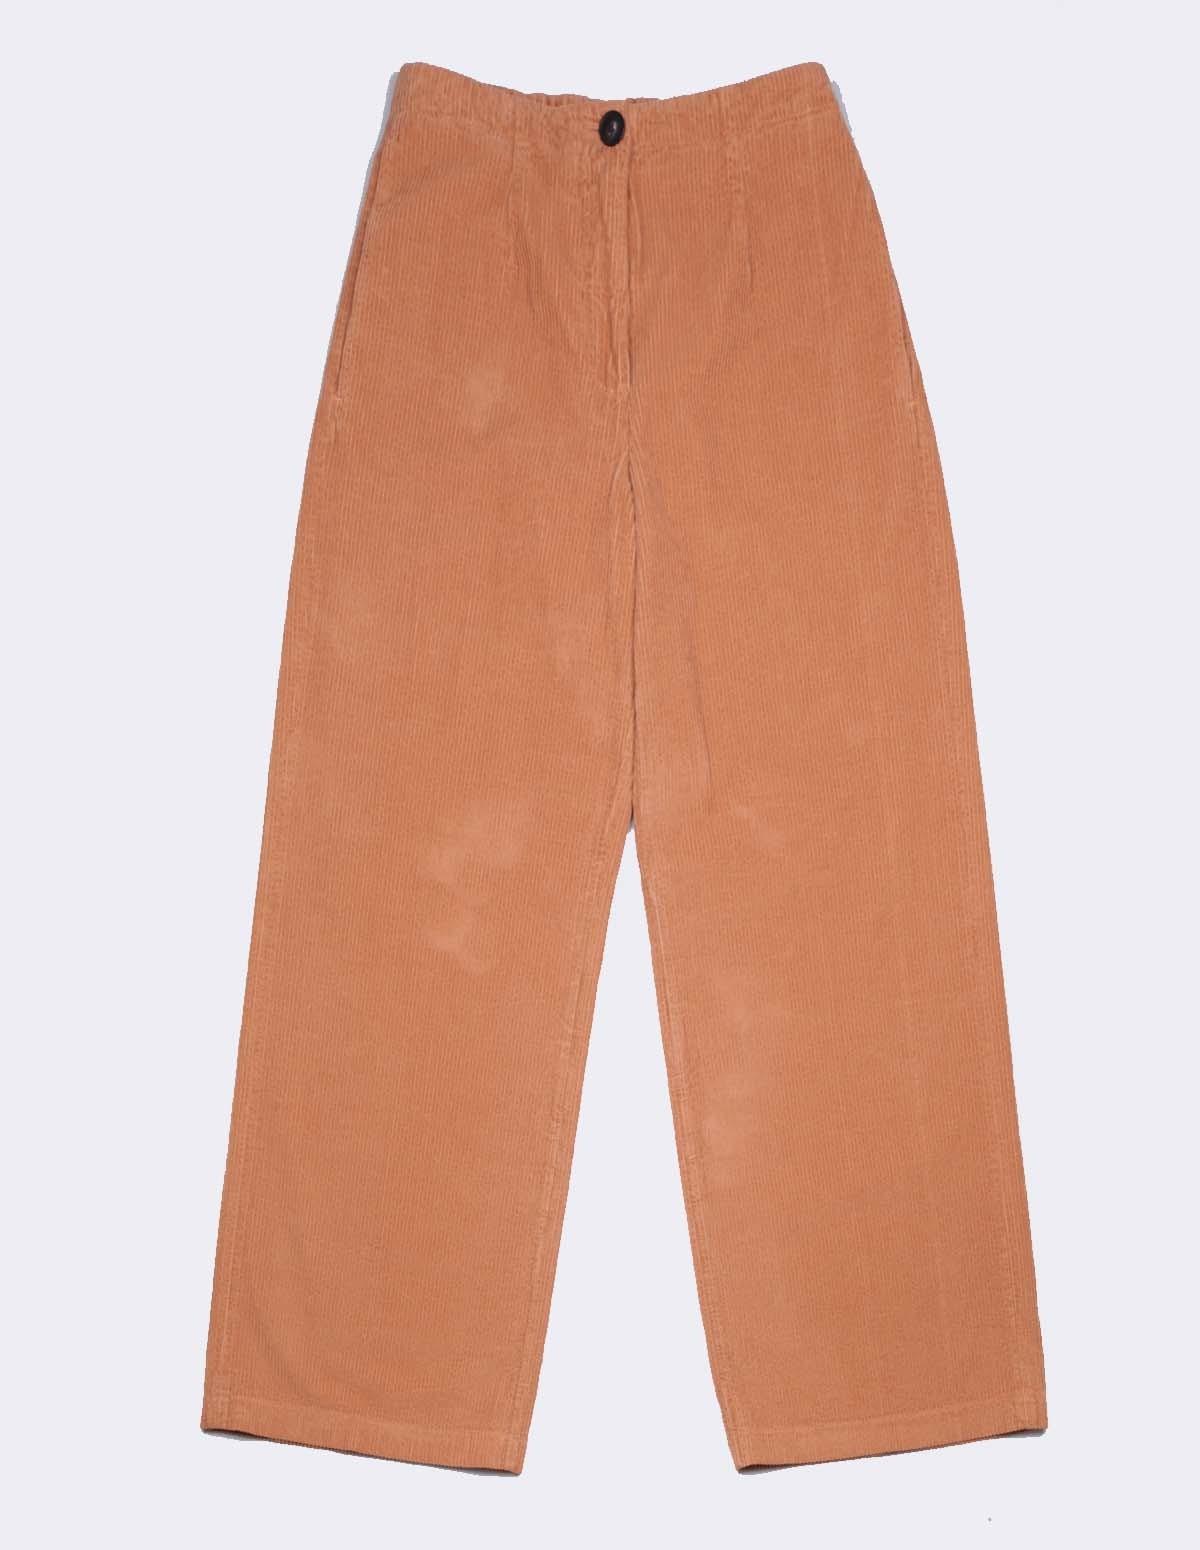 Pom 7128f/10516 Pants - 52 NOISETTE